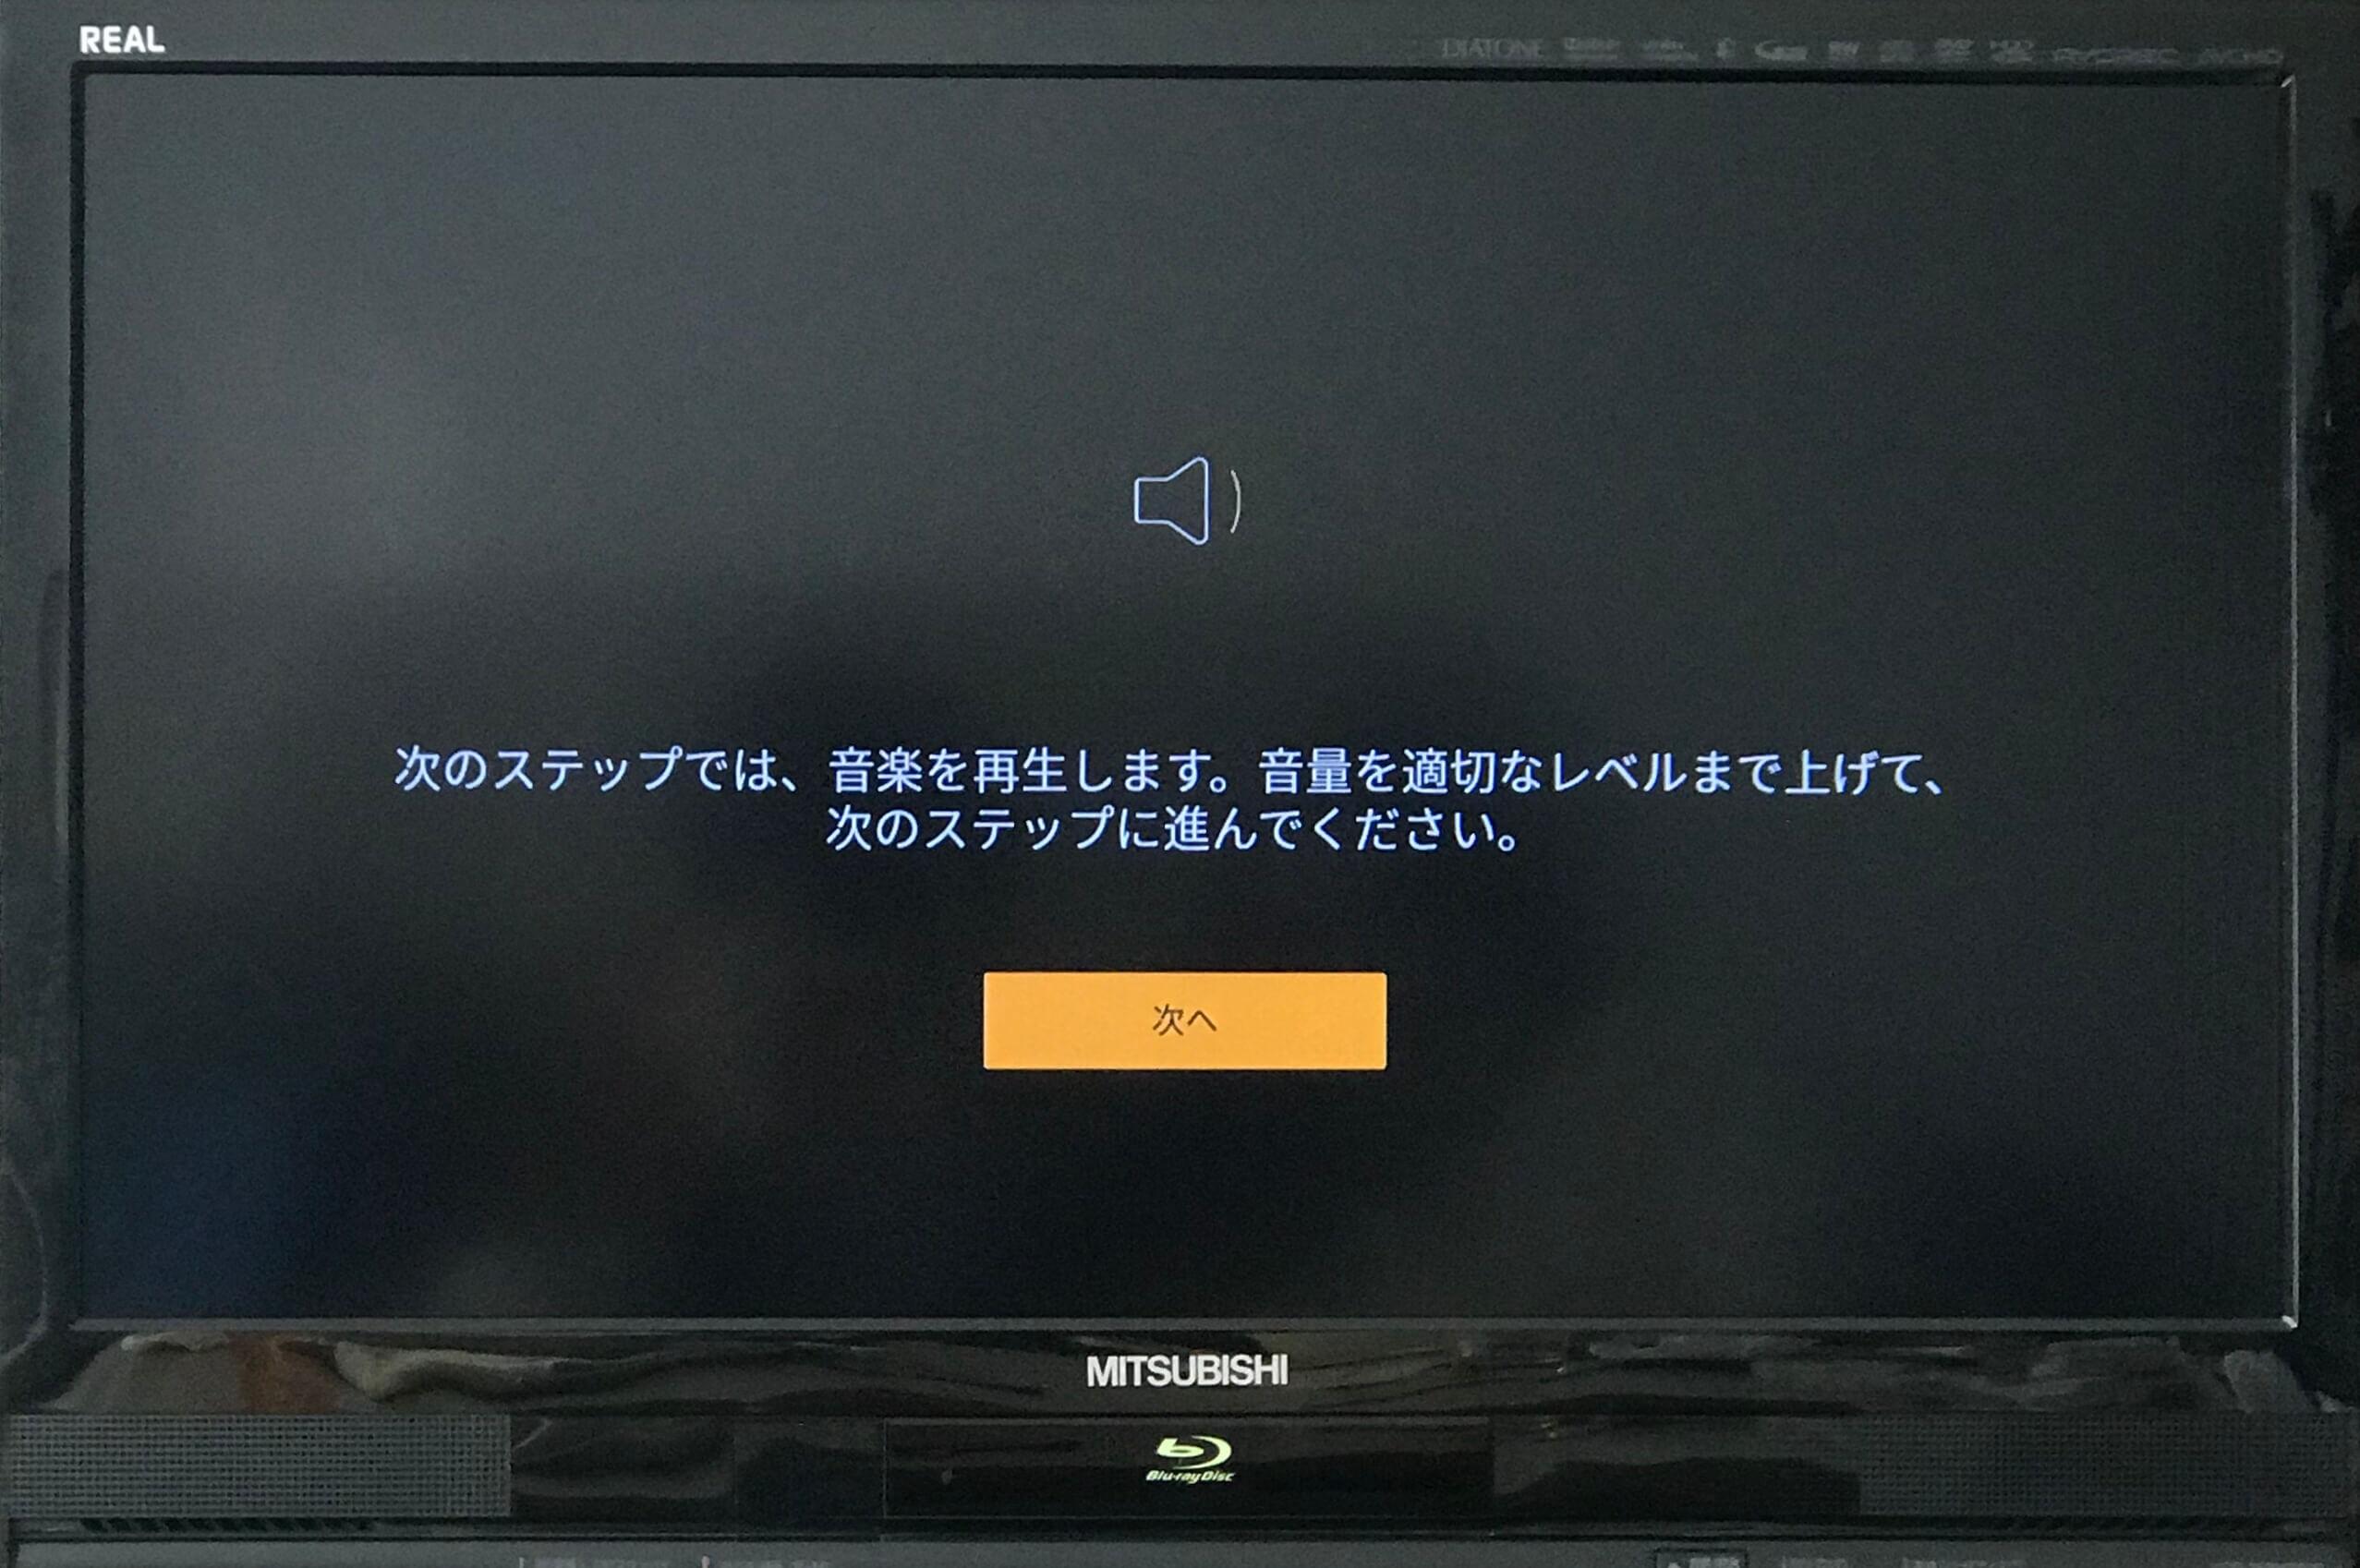 Fire-TV-Stick-4k-設定7